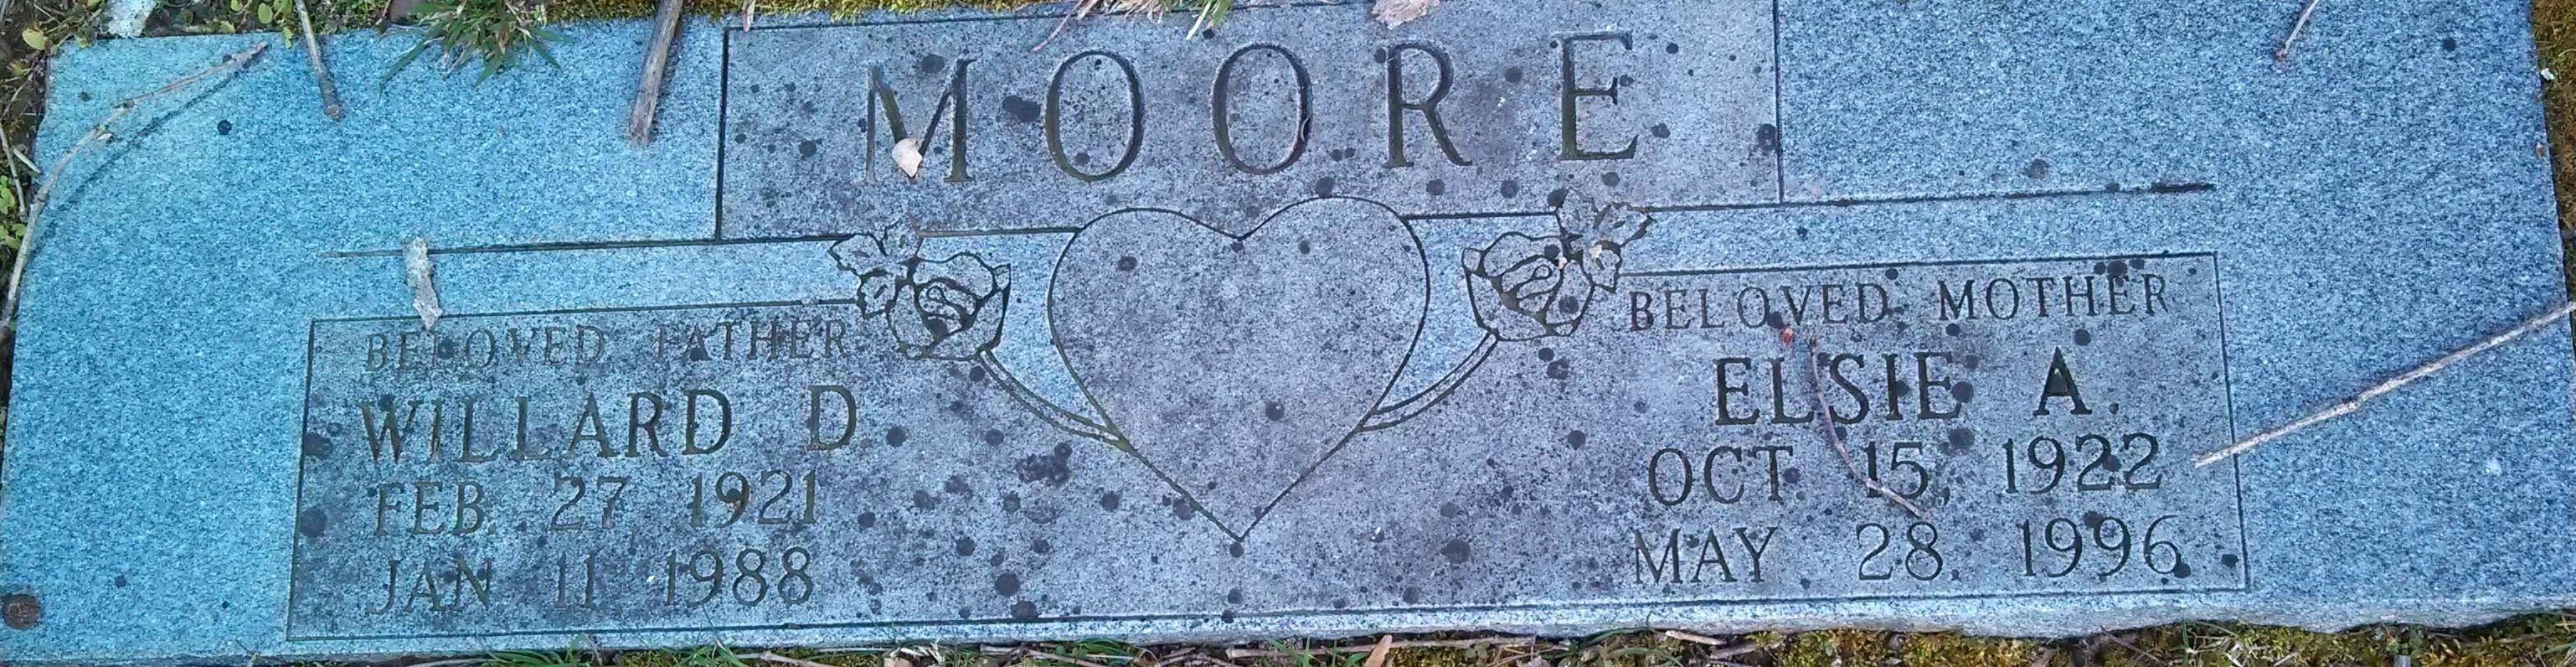 Elsie A. Moore